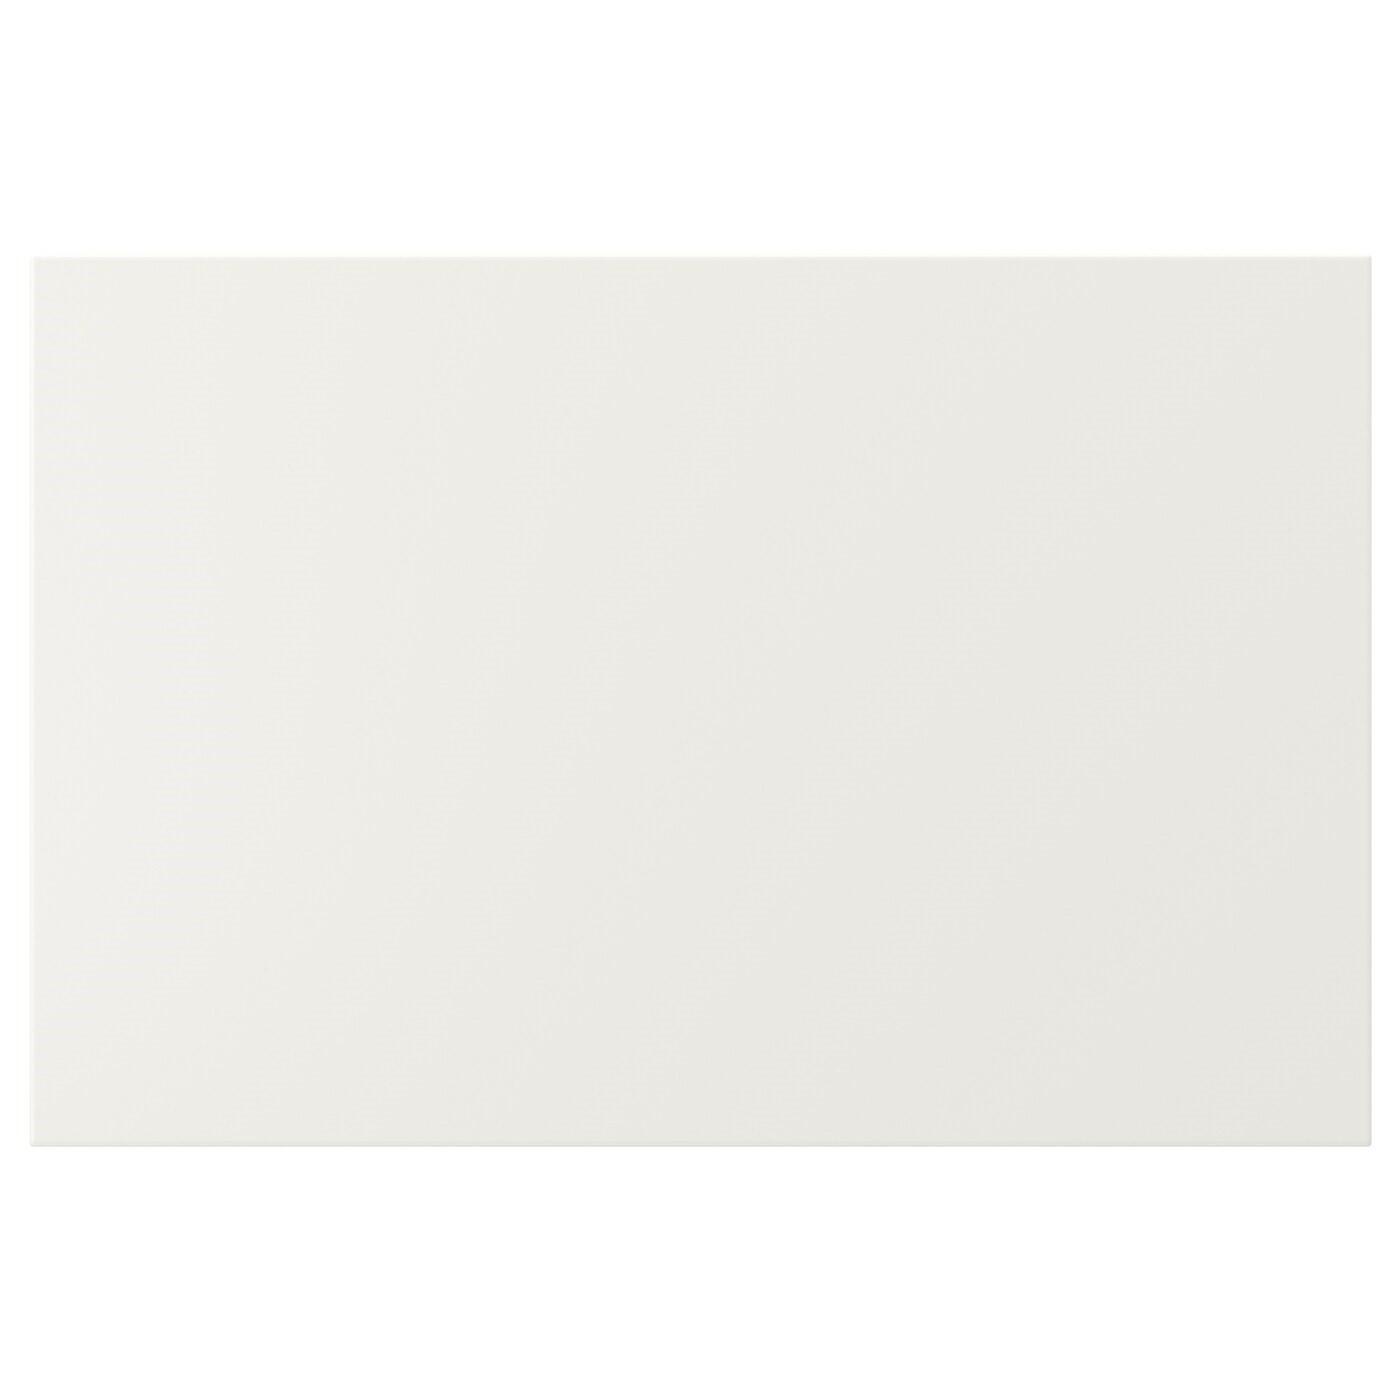 IKEA ВЕДДИНГЕ Фронтальная панель ящика, белый, 60x40 см 302.054.39